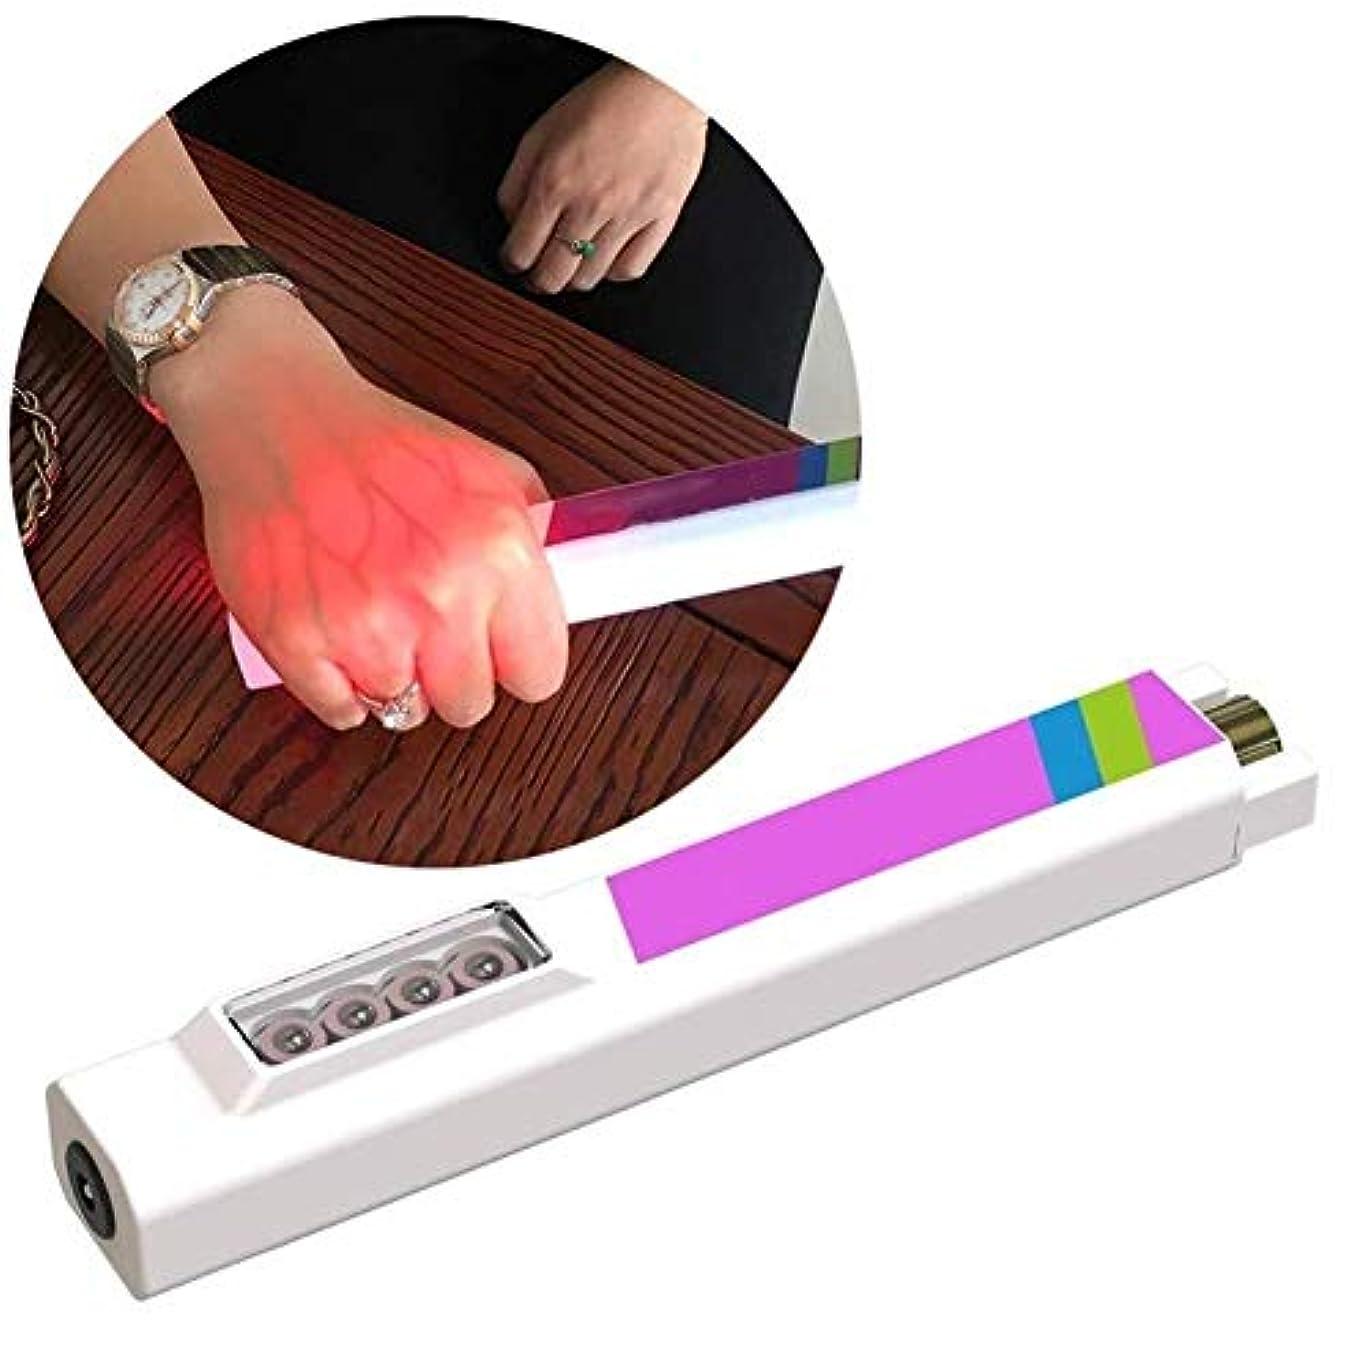 作り上げる薄汚い陽気な静脈イメージング懐中電灯血管ディスプレイ懐中電灯手穿刺による血管ライトの確認皮下静脈デバイスの発見が容易